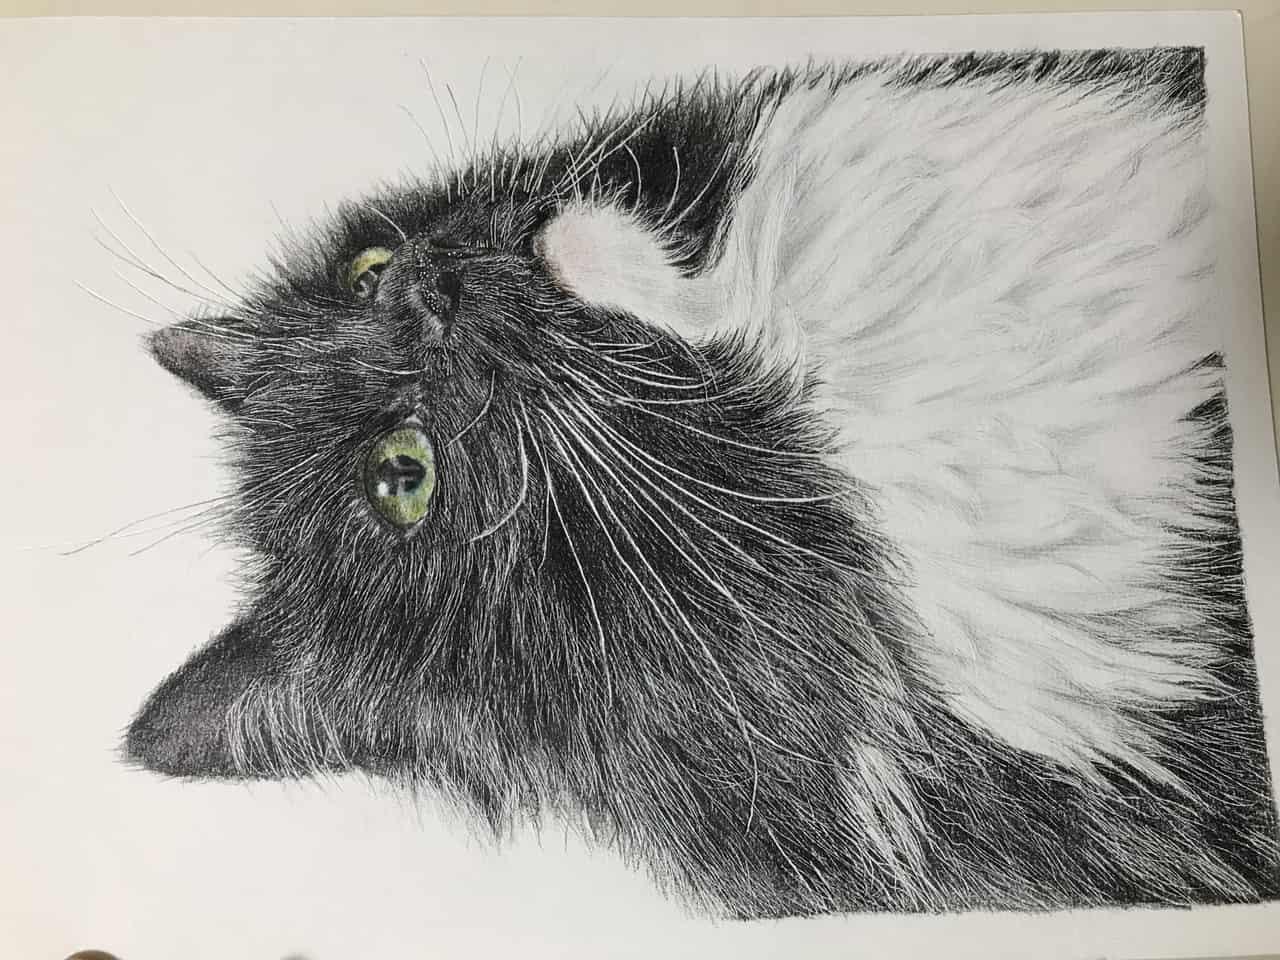 もな Illust of なっちゃん cat animal 色鉛筆絵 illustration coloredpencil 色鉛筆画 写実